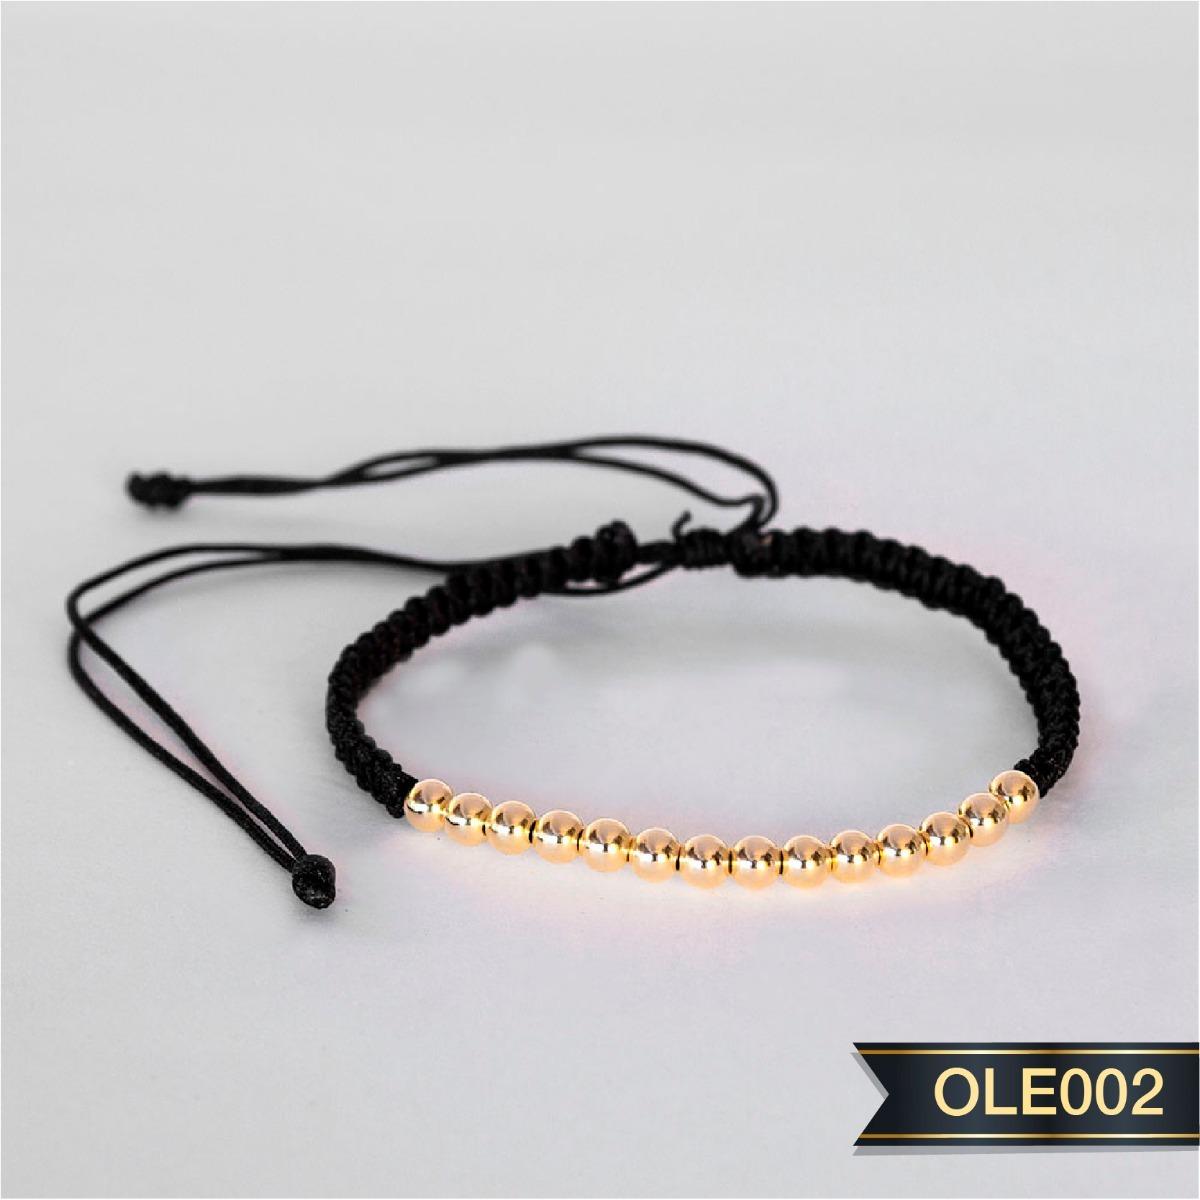 144194fa3fc1 Pulsera Oro Laminado En Oro 18k Y Neopreno -   34.900 en Mercado Libre